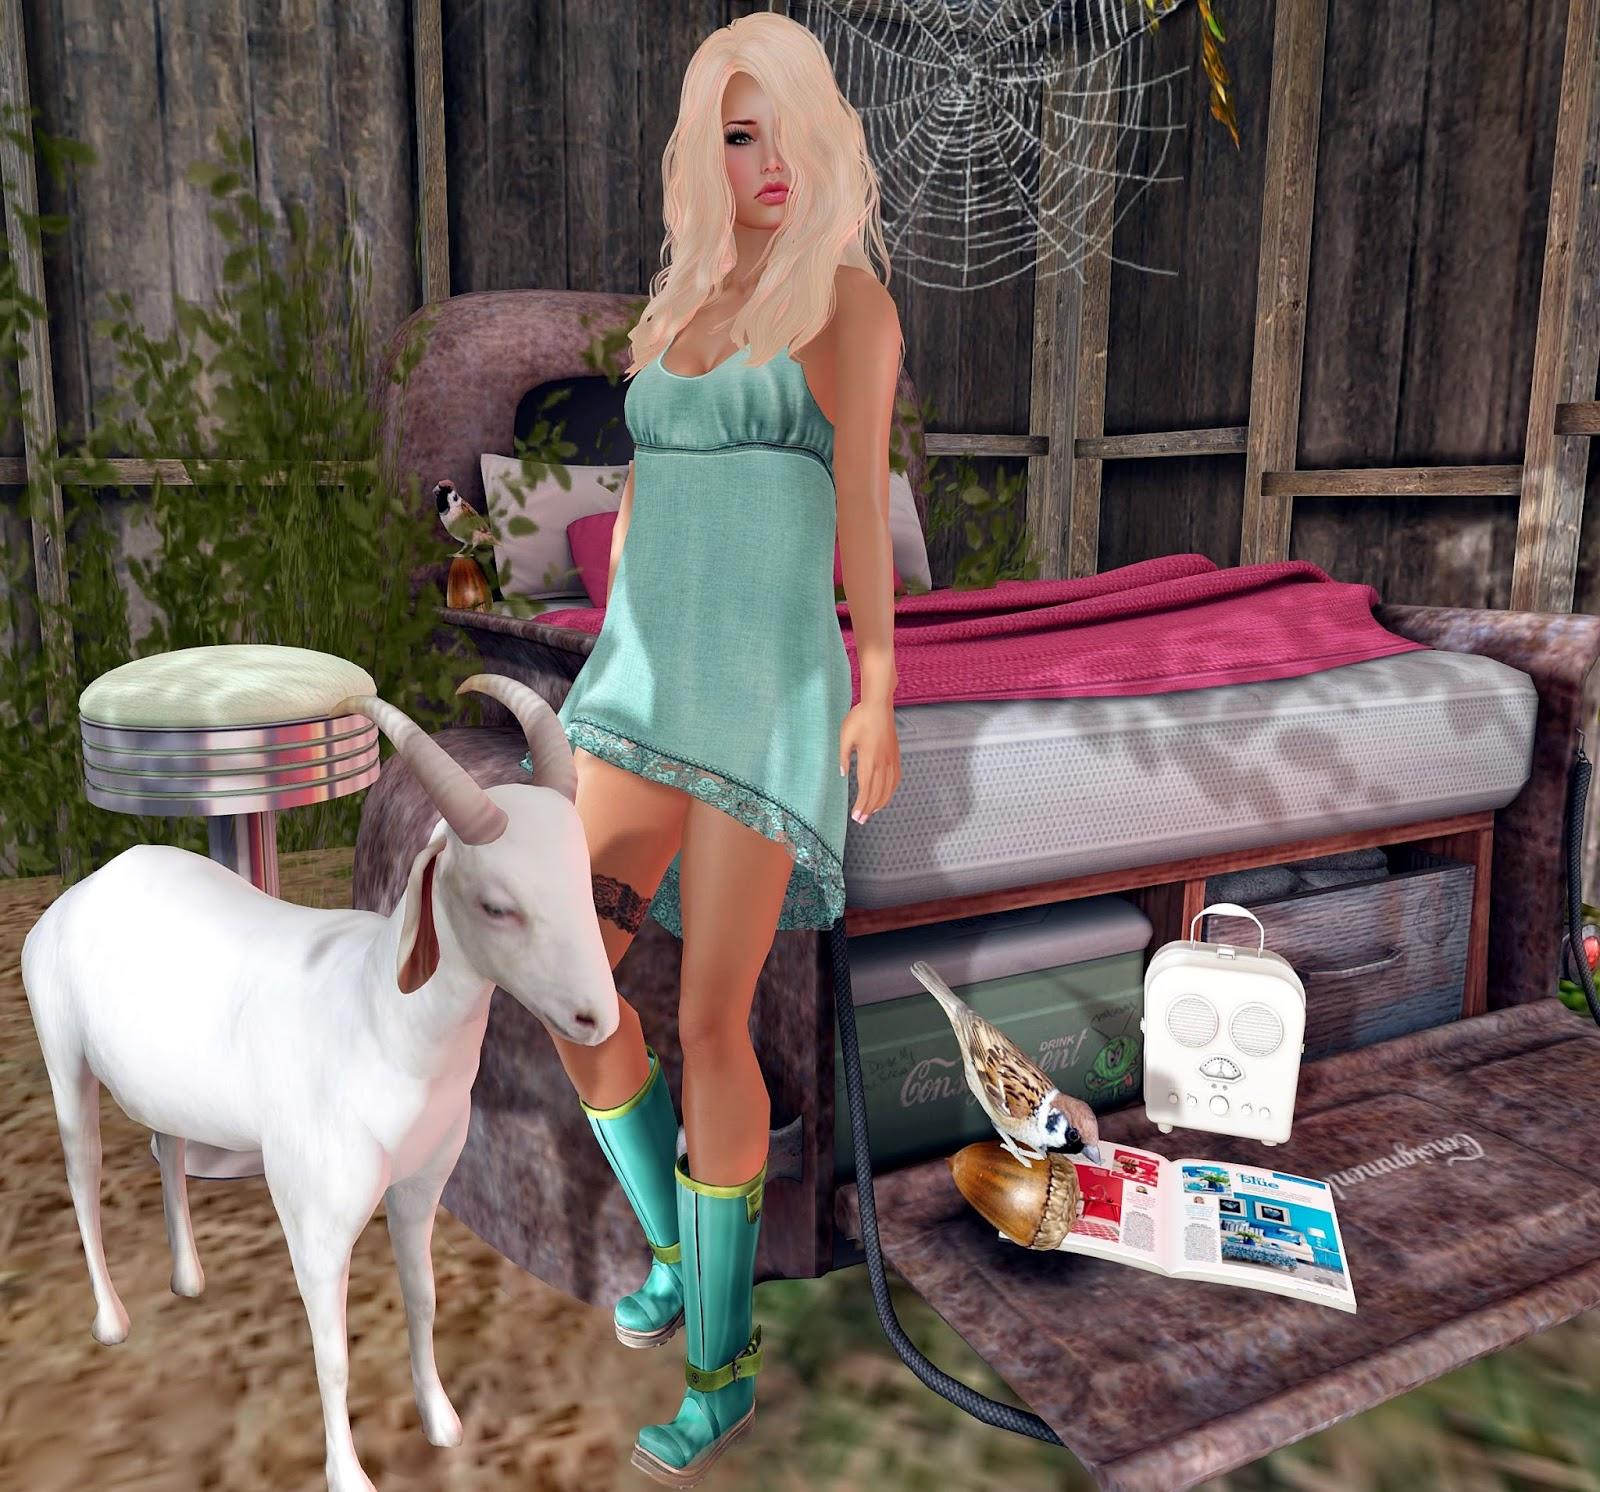 ᑭi᙭ᕮᒪ Styᒪᕮs Blond Barn Babe Inkie